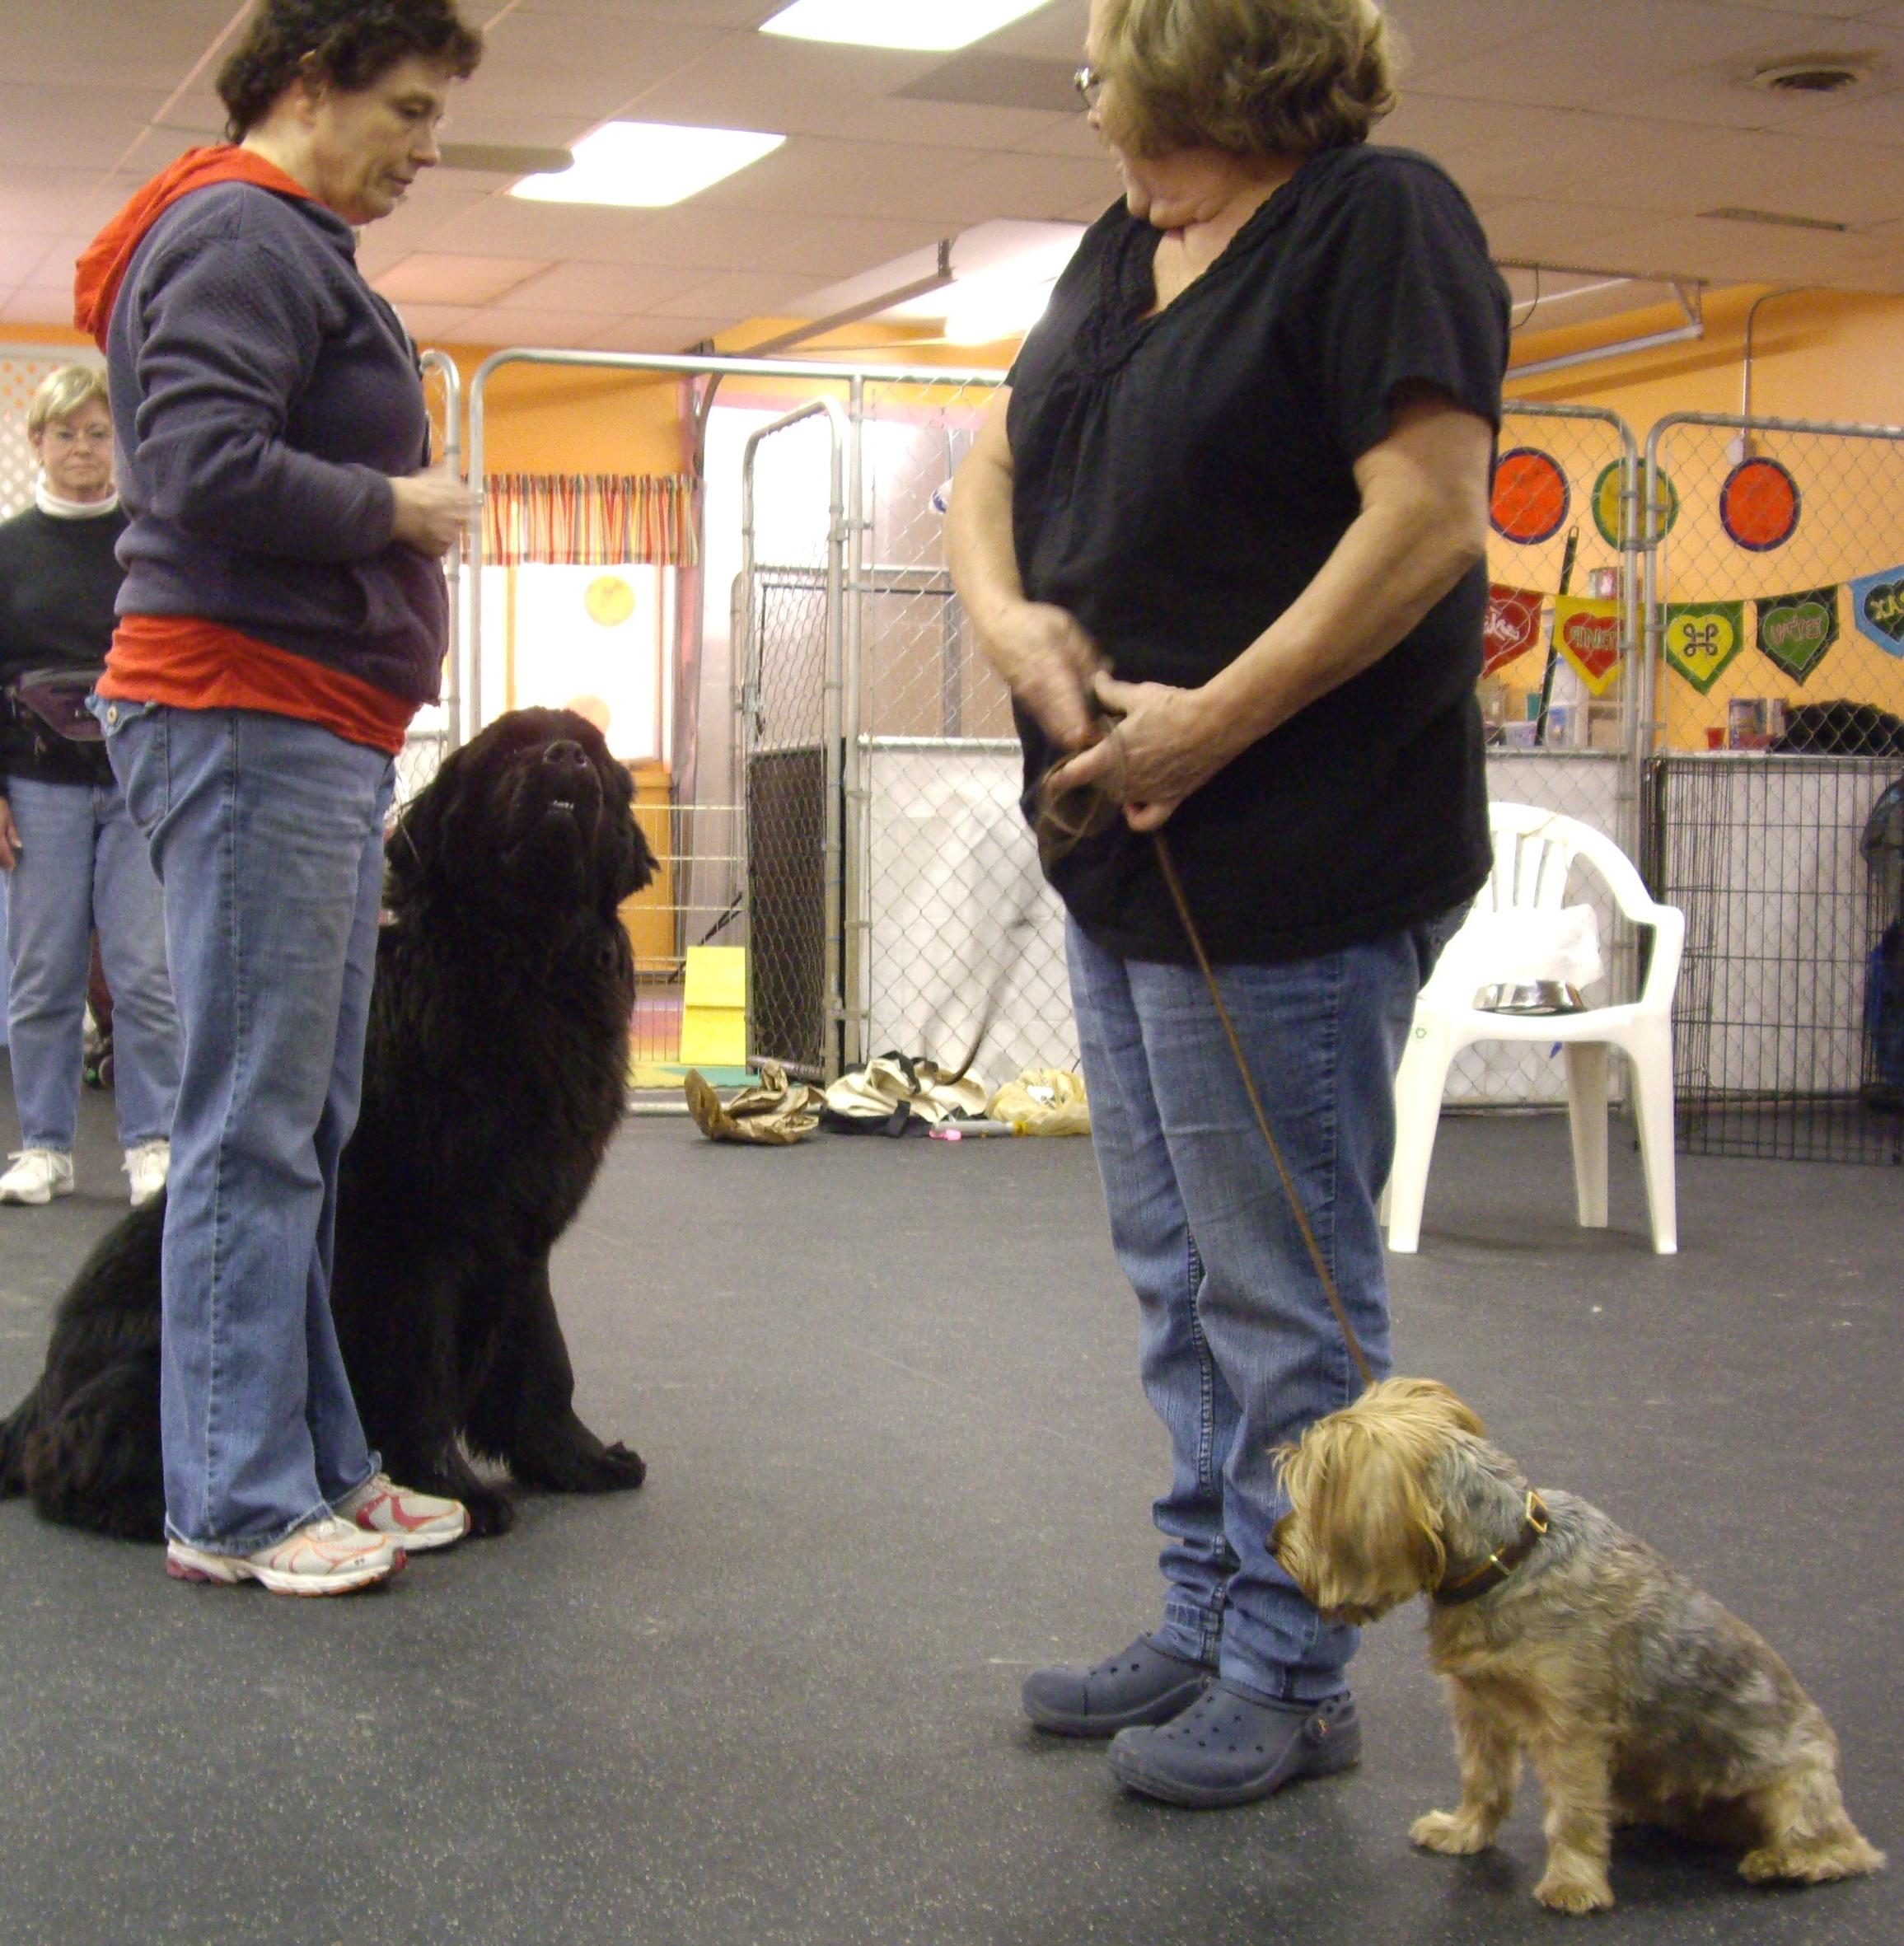 Friendly dog greeting